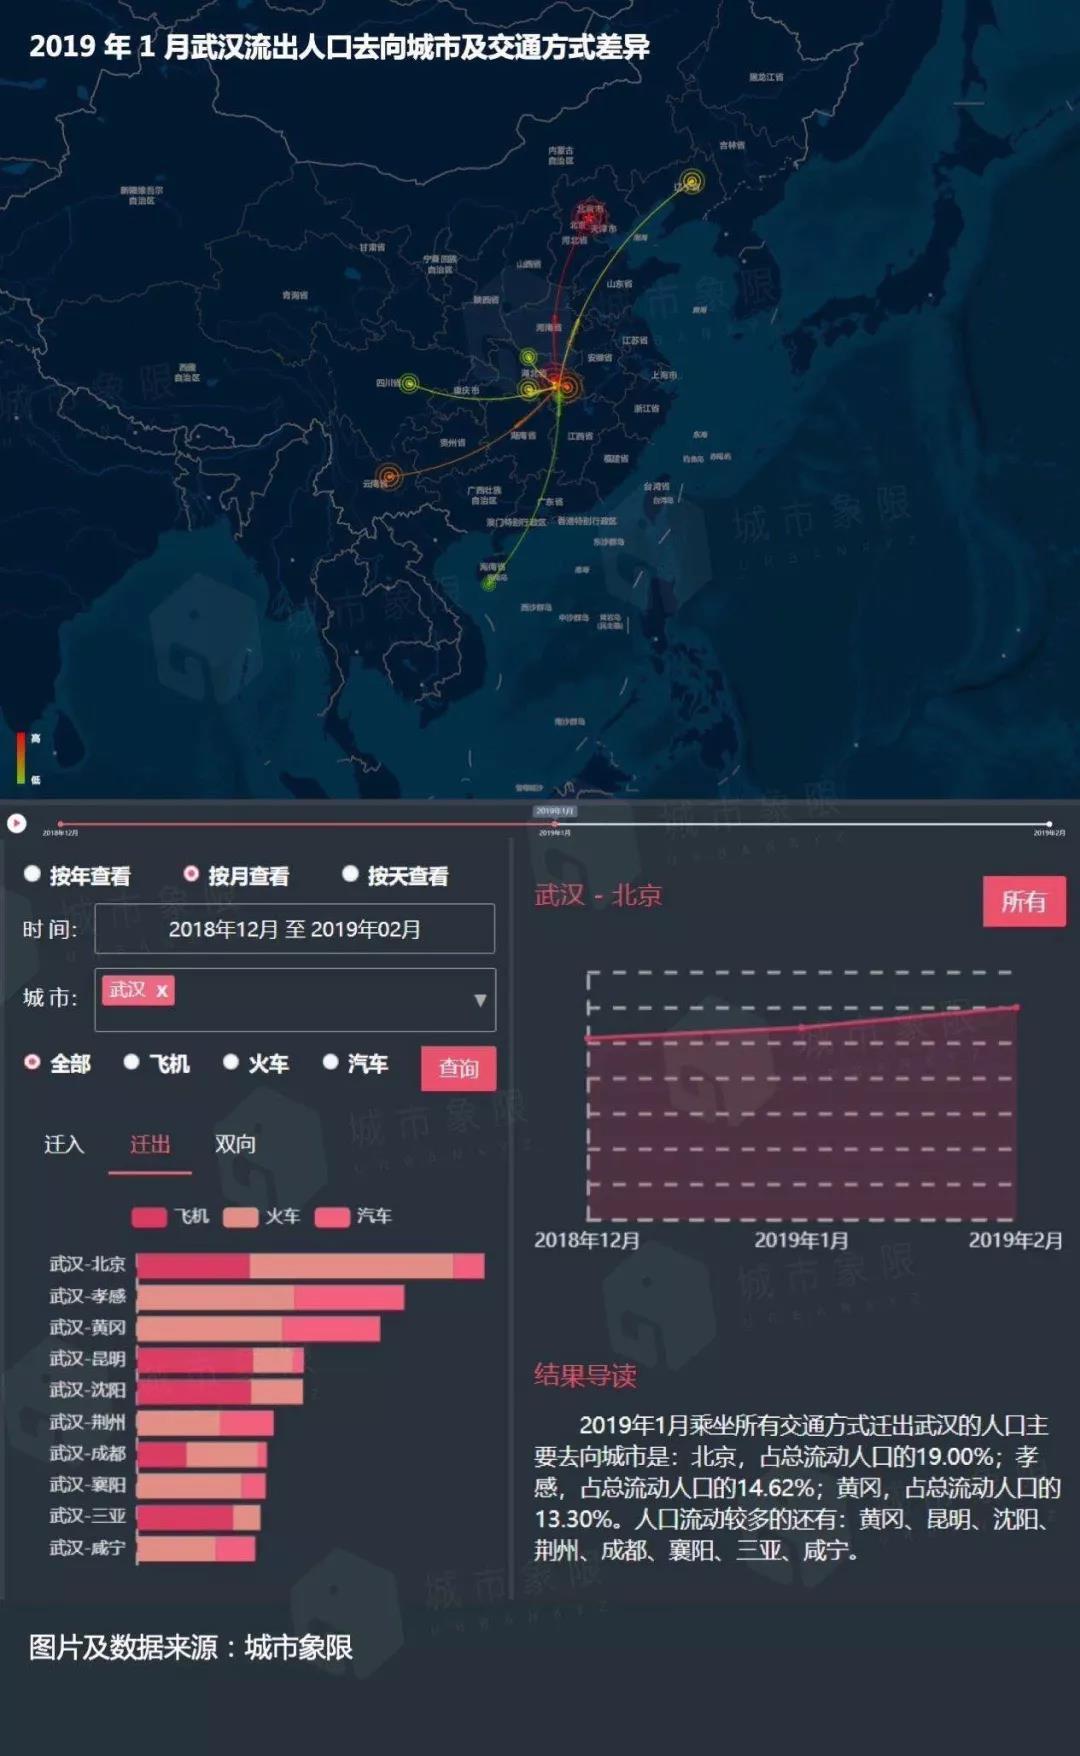 注:本图仅行为交通手段操纵暗示图,腾讯迁徙数据还需与其他数据源融相符校准。| 图片来源:城市象限